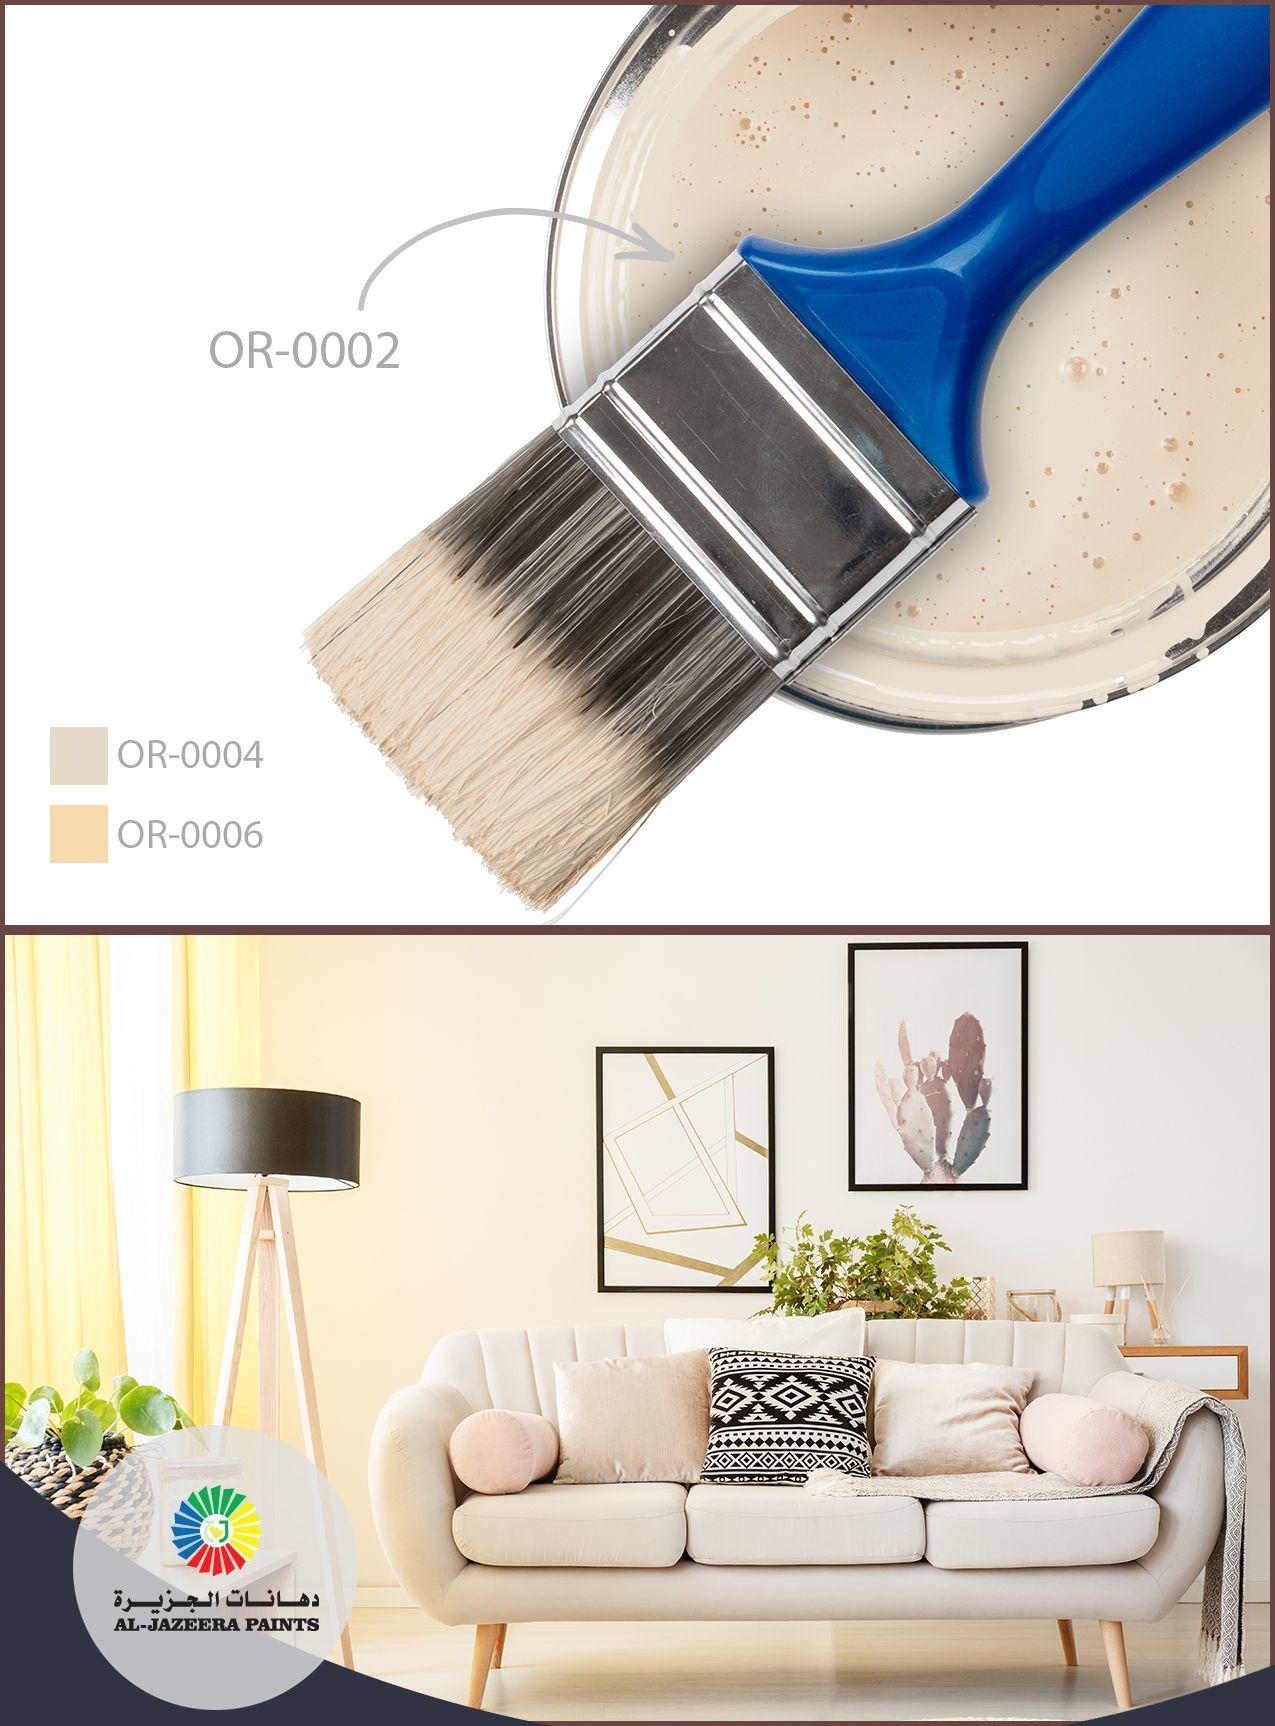 اختاري من بين الكثير من تدرجات الألوان الفاتحة لتضفي وسعا ورحابة لغرف بيتك Painting Color